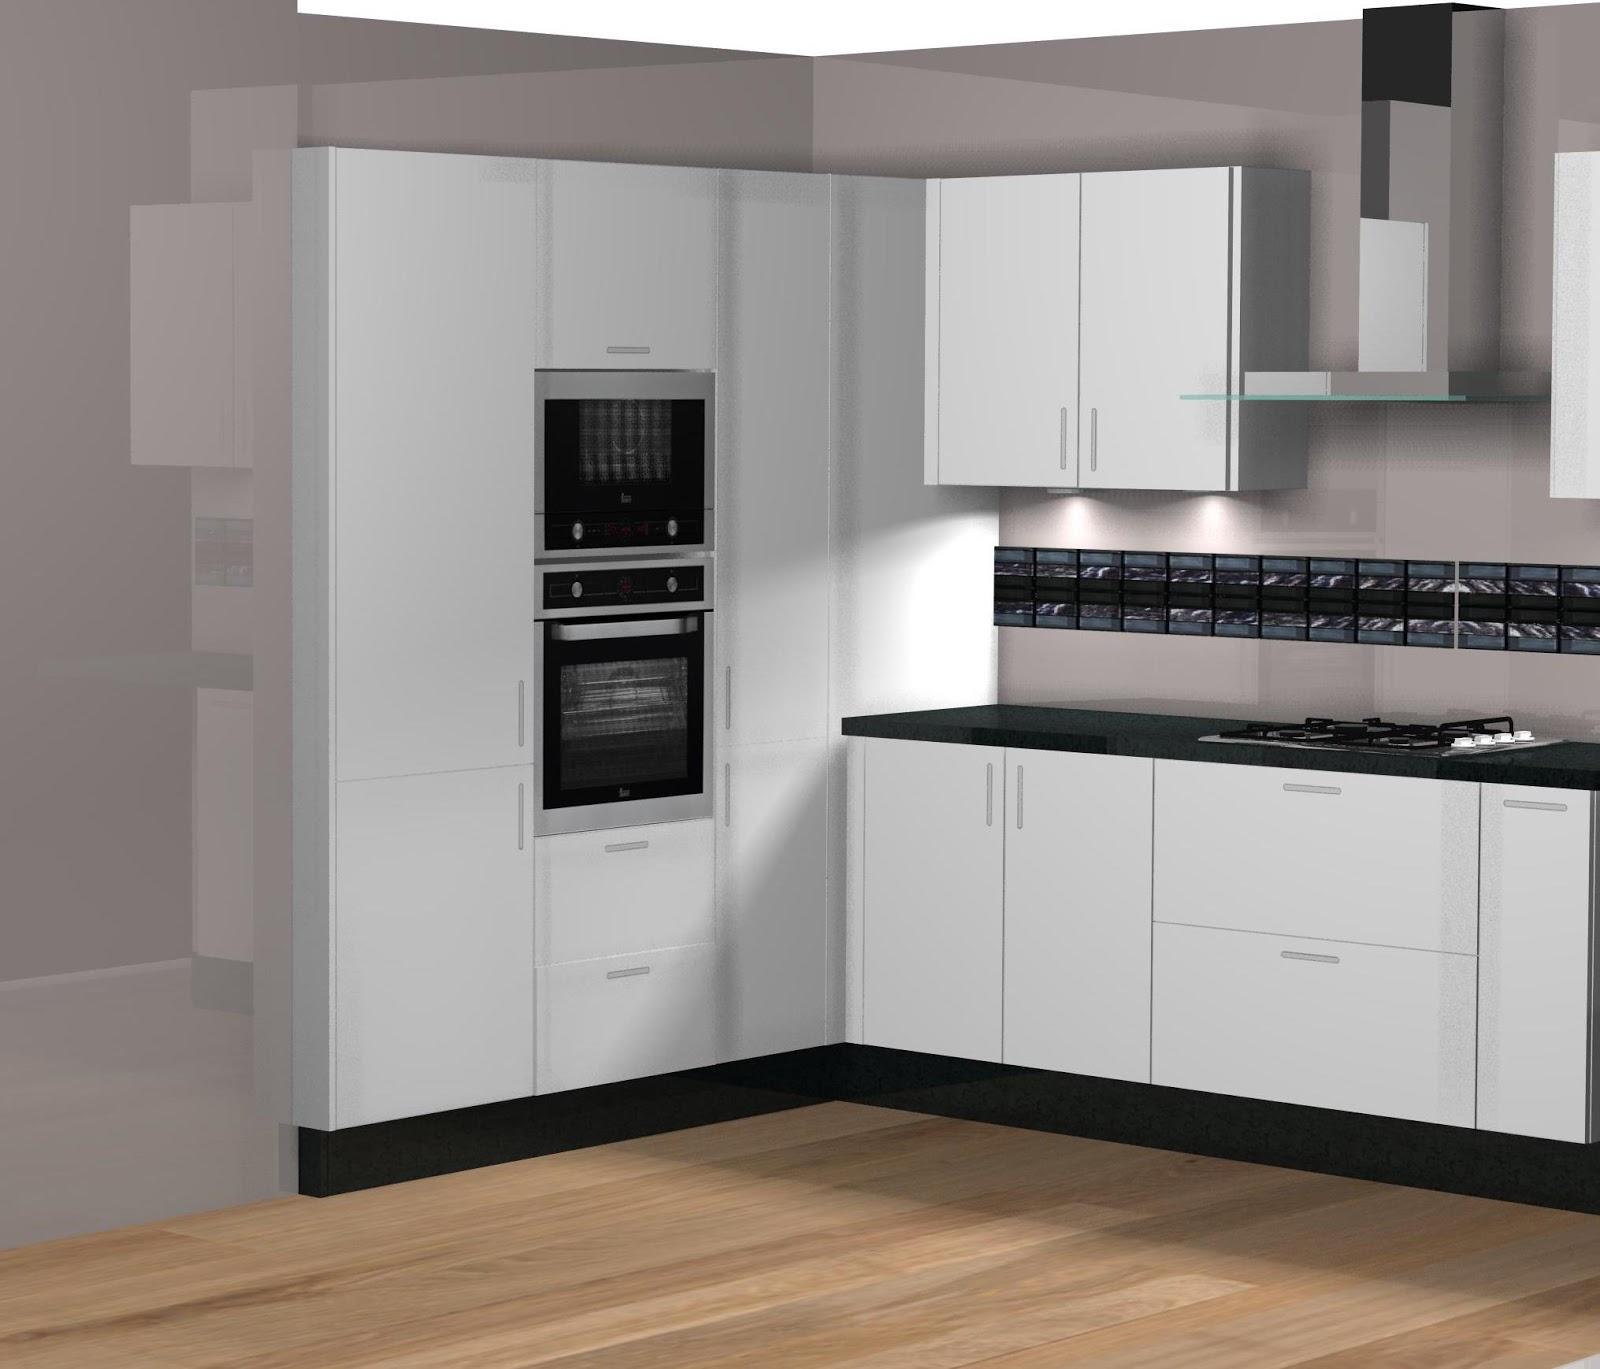 Dise o de cocina comedor laminado en blanco for Diseno de modulares para comedor